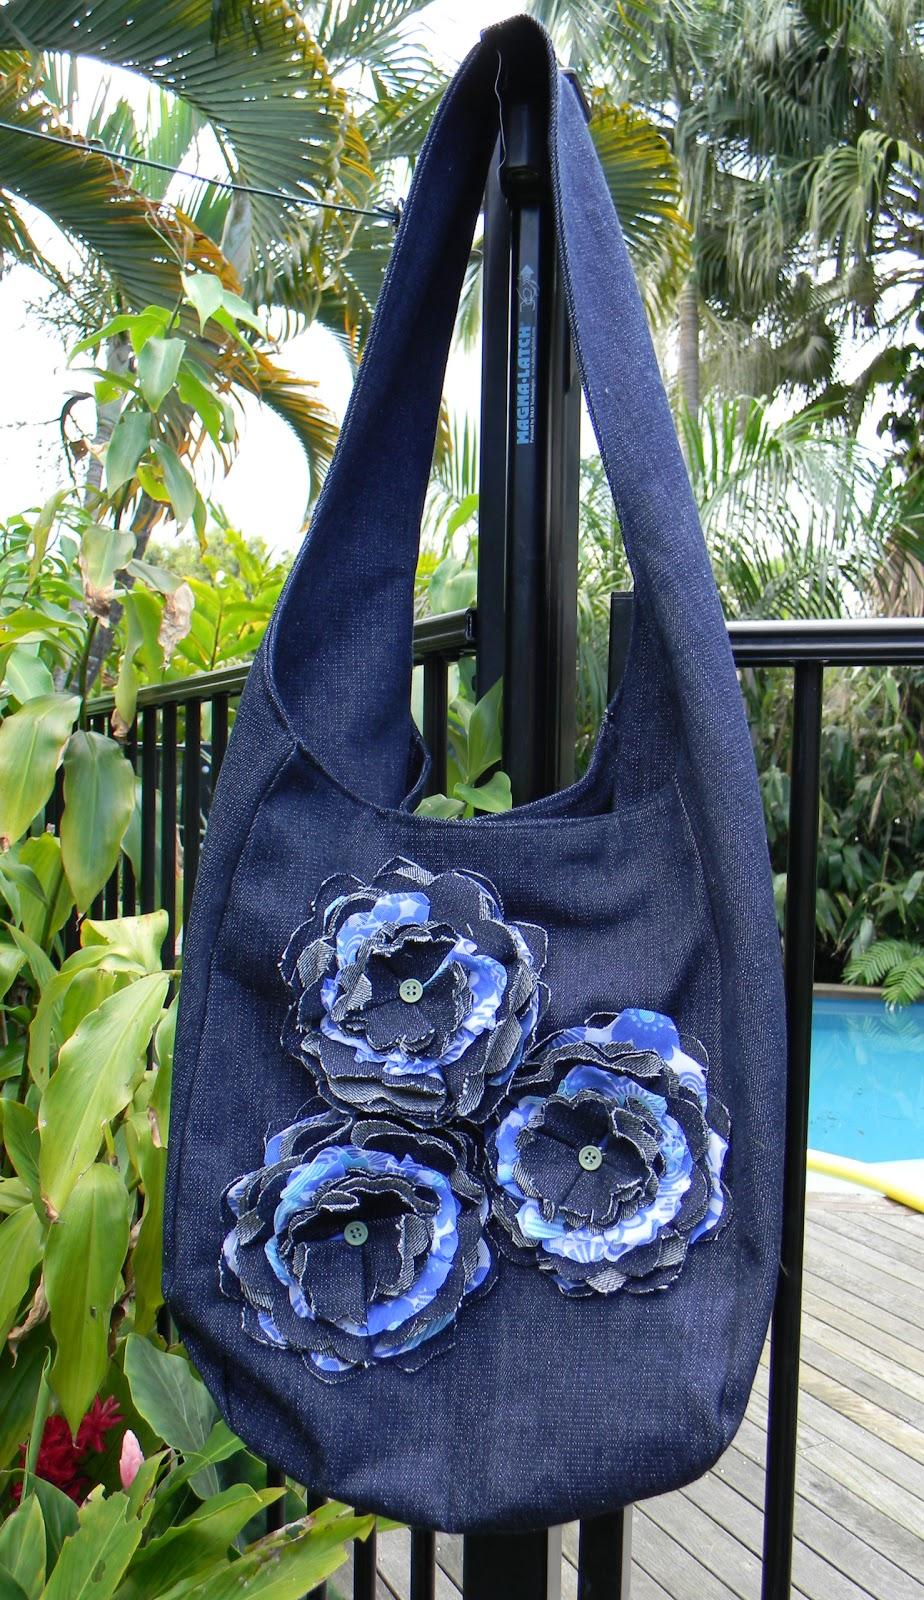 Tote Bag Pattern: Denim Hobo Bag Free Patterns